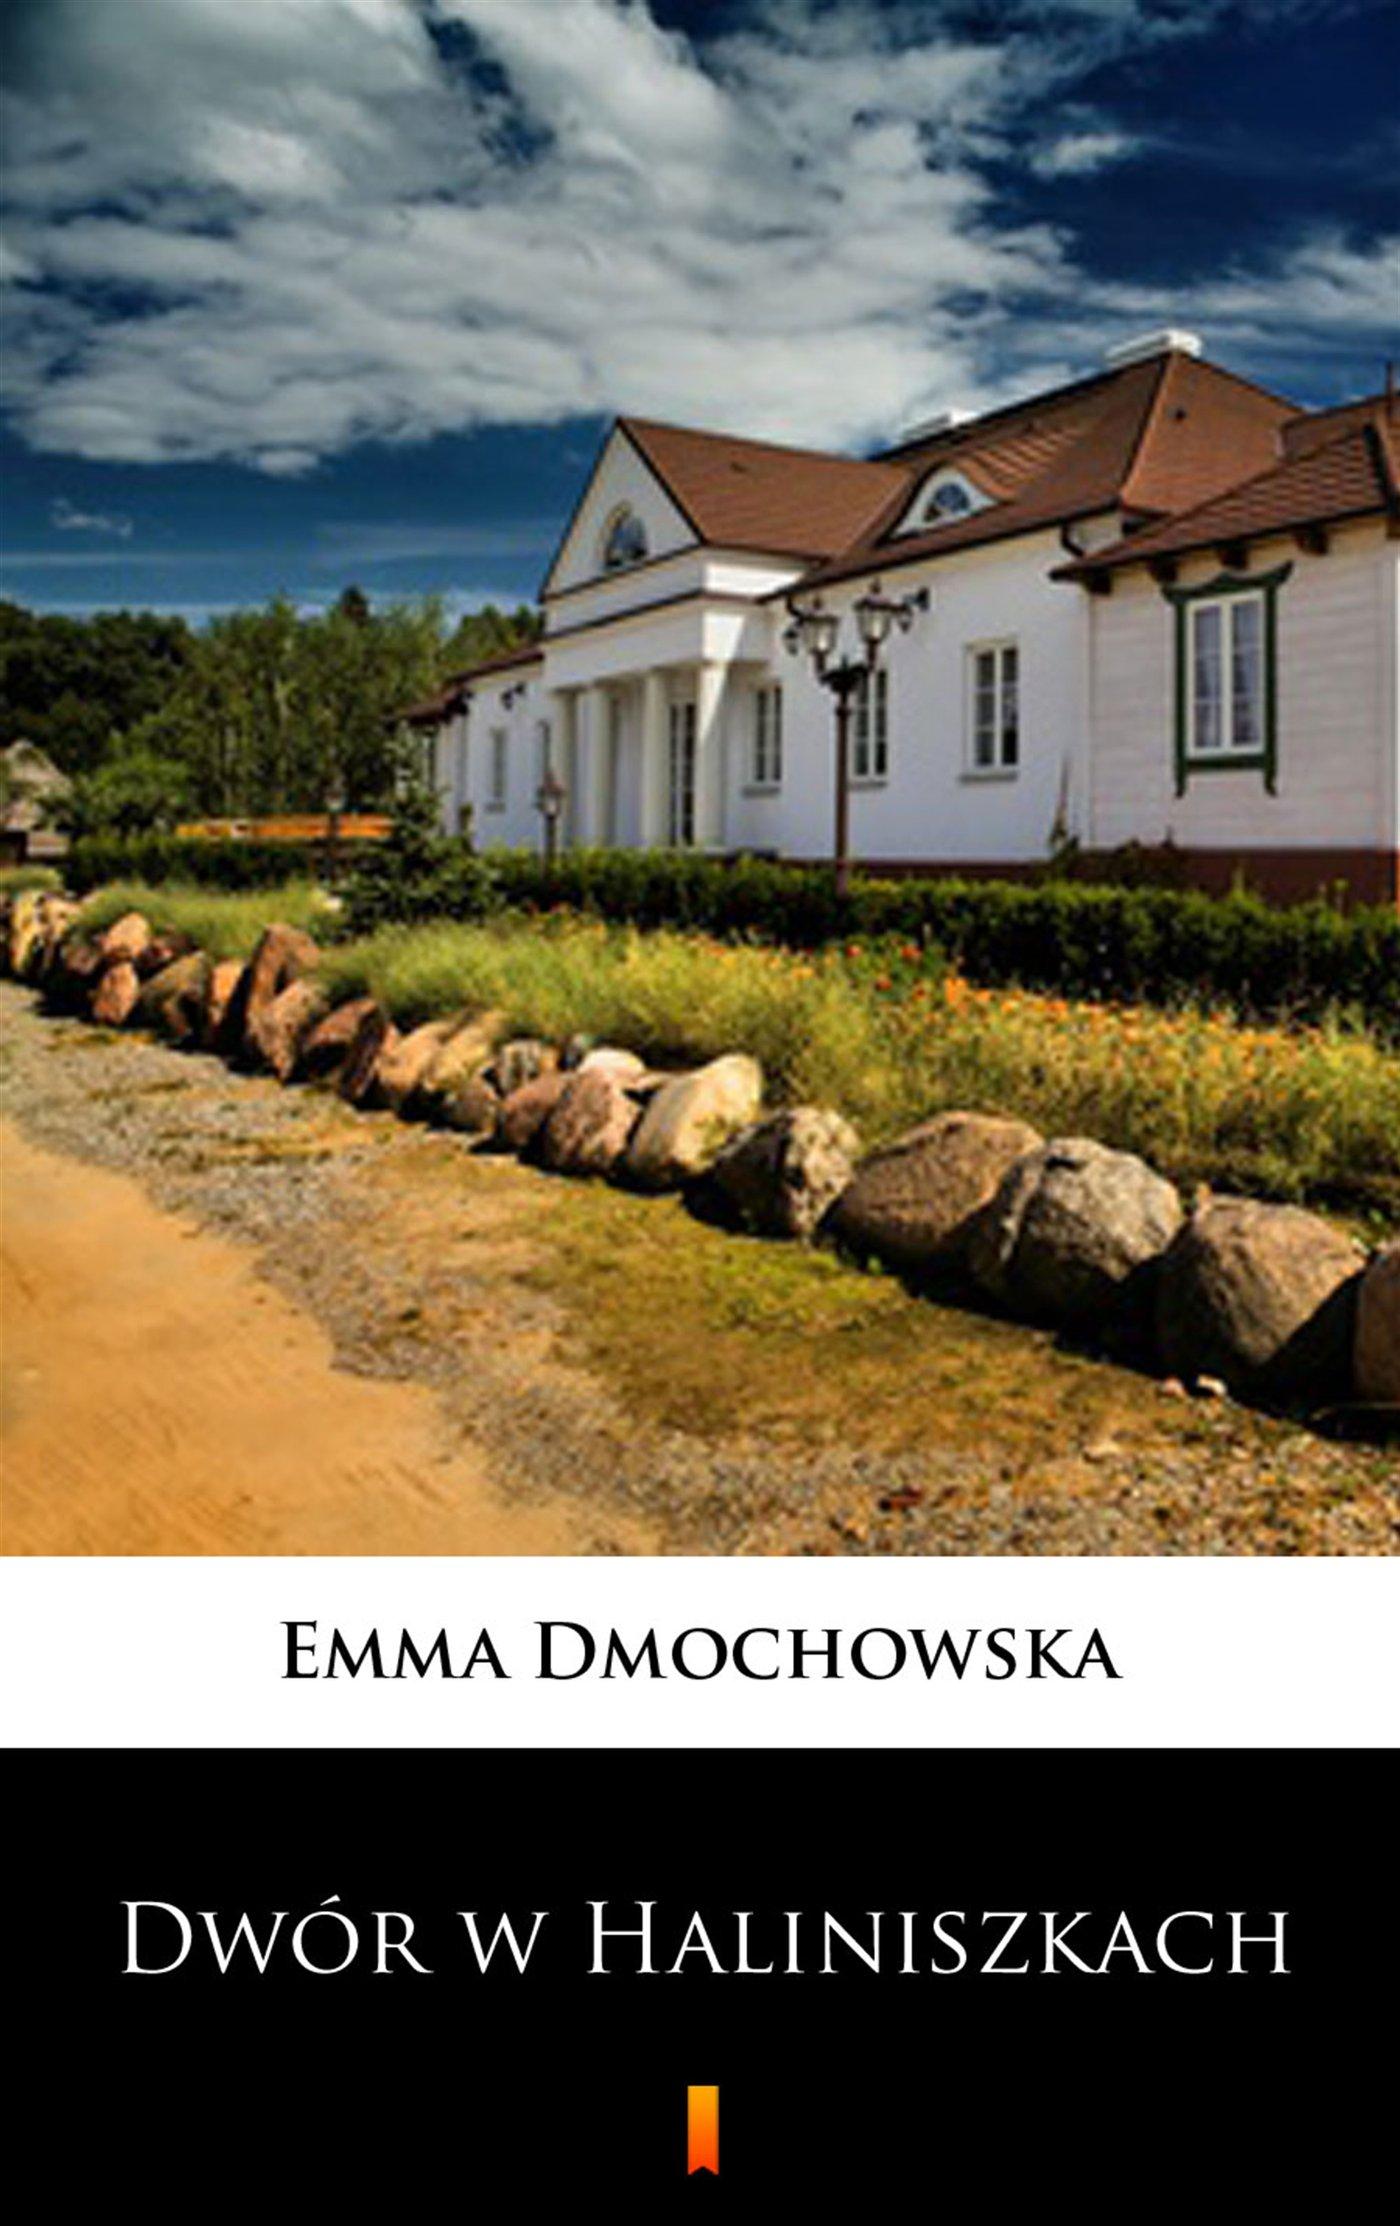 Dwór w Haliniszkach - Ebook (Książka EPUB) do pobrania w formacie EPUB